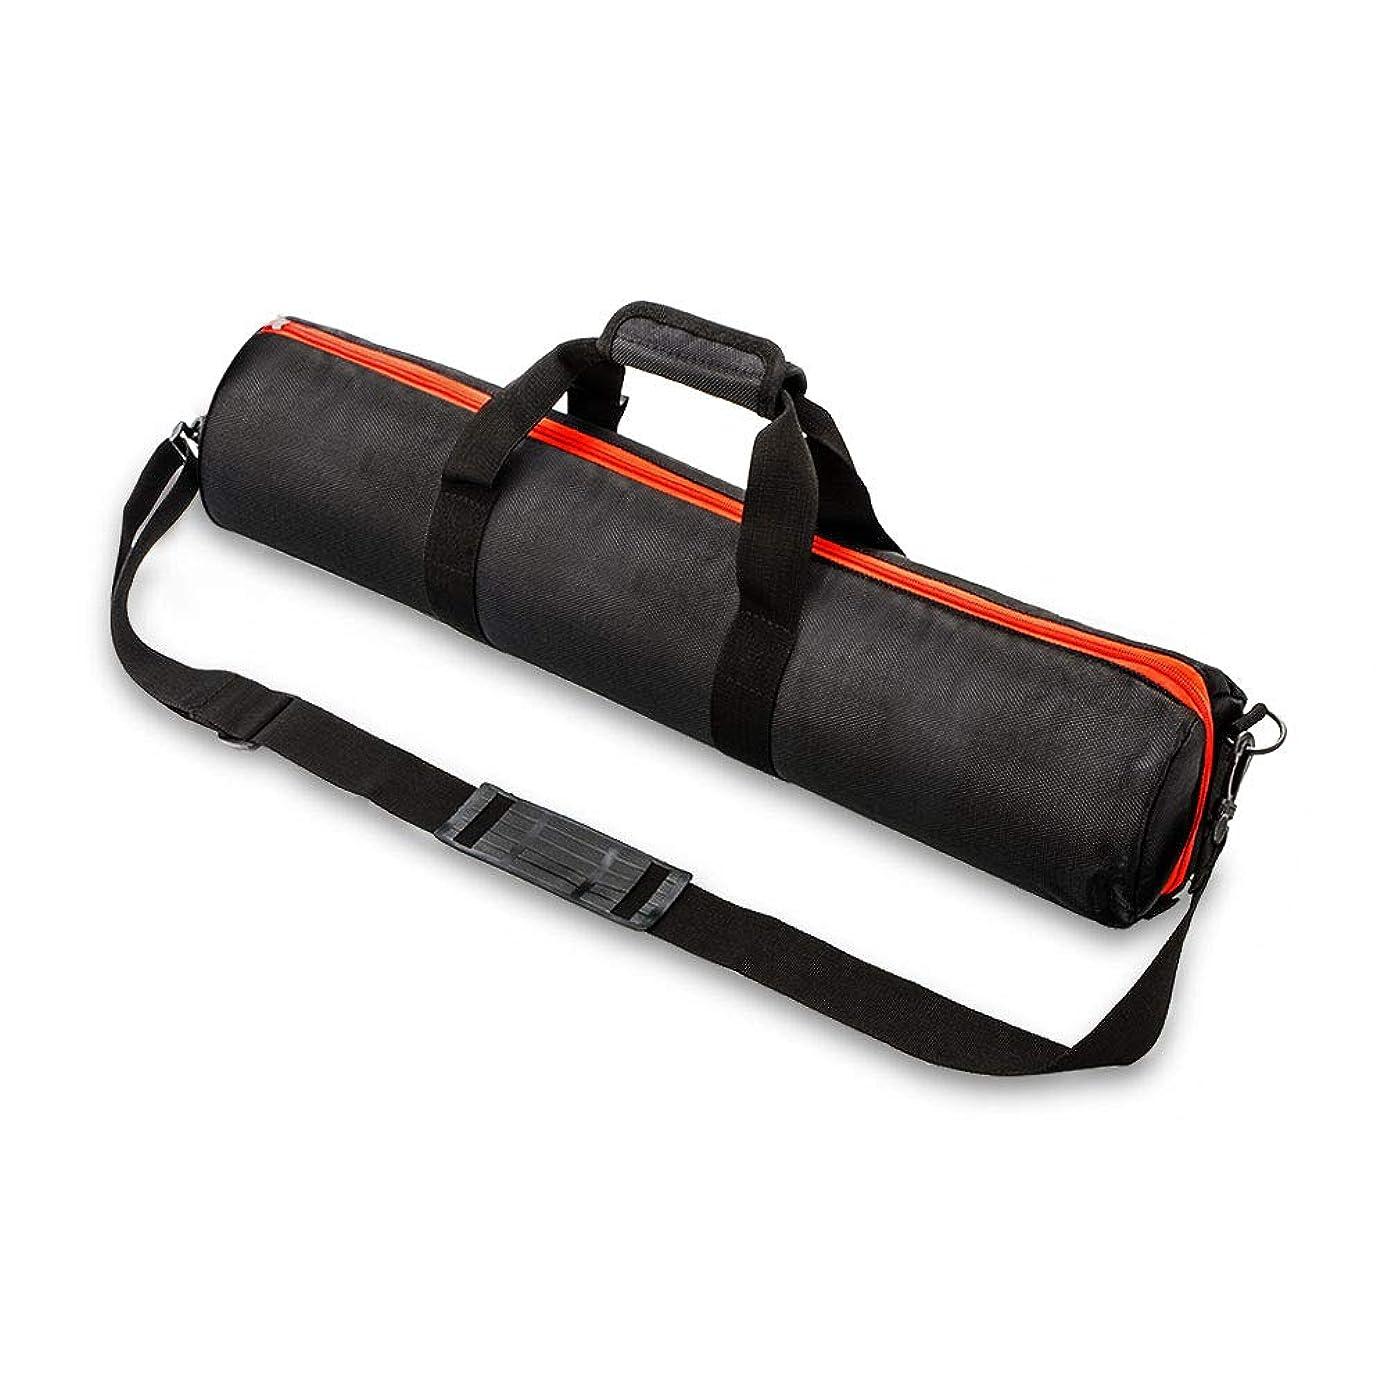 スナック記憶涙UTEBIT 三脚ケース 65cm ライトスタンド/マイクスタンド/楽器/一脚 キャリーバッグ 収納バッグ 肩ひもに付き 厚めのクッション入り 手持ち/肩掛け/斜め掛けに対応